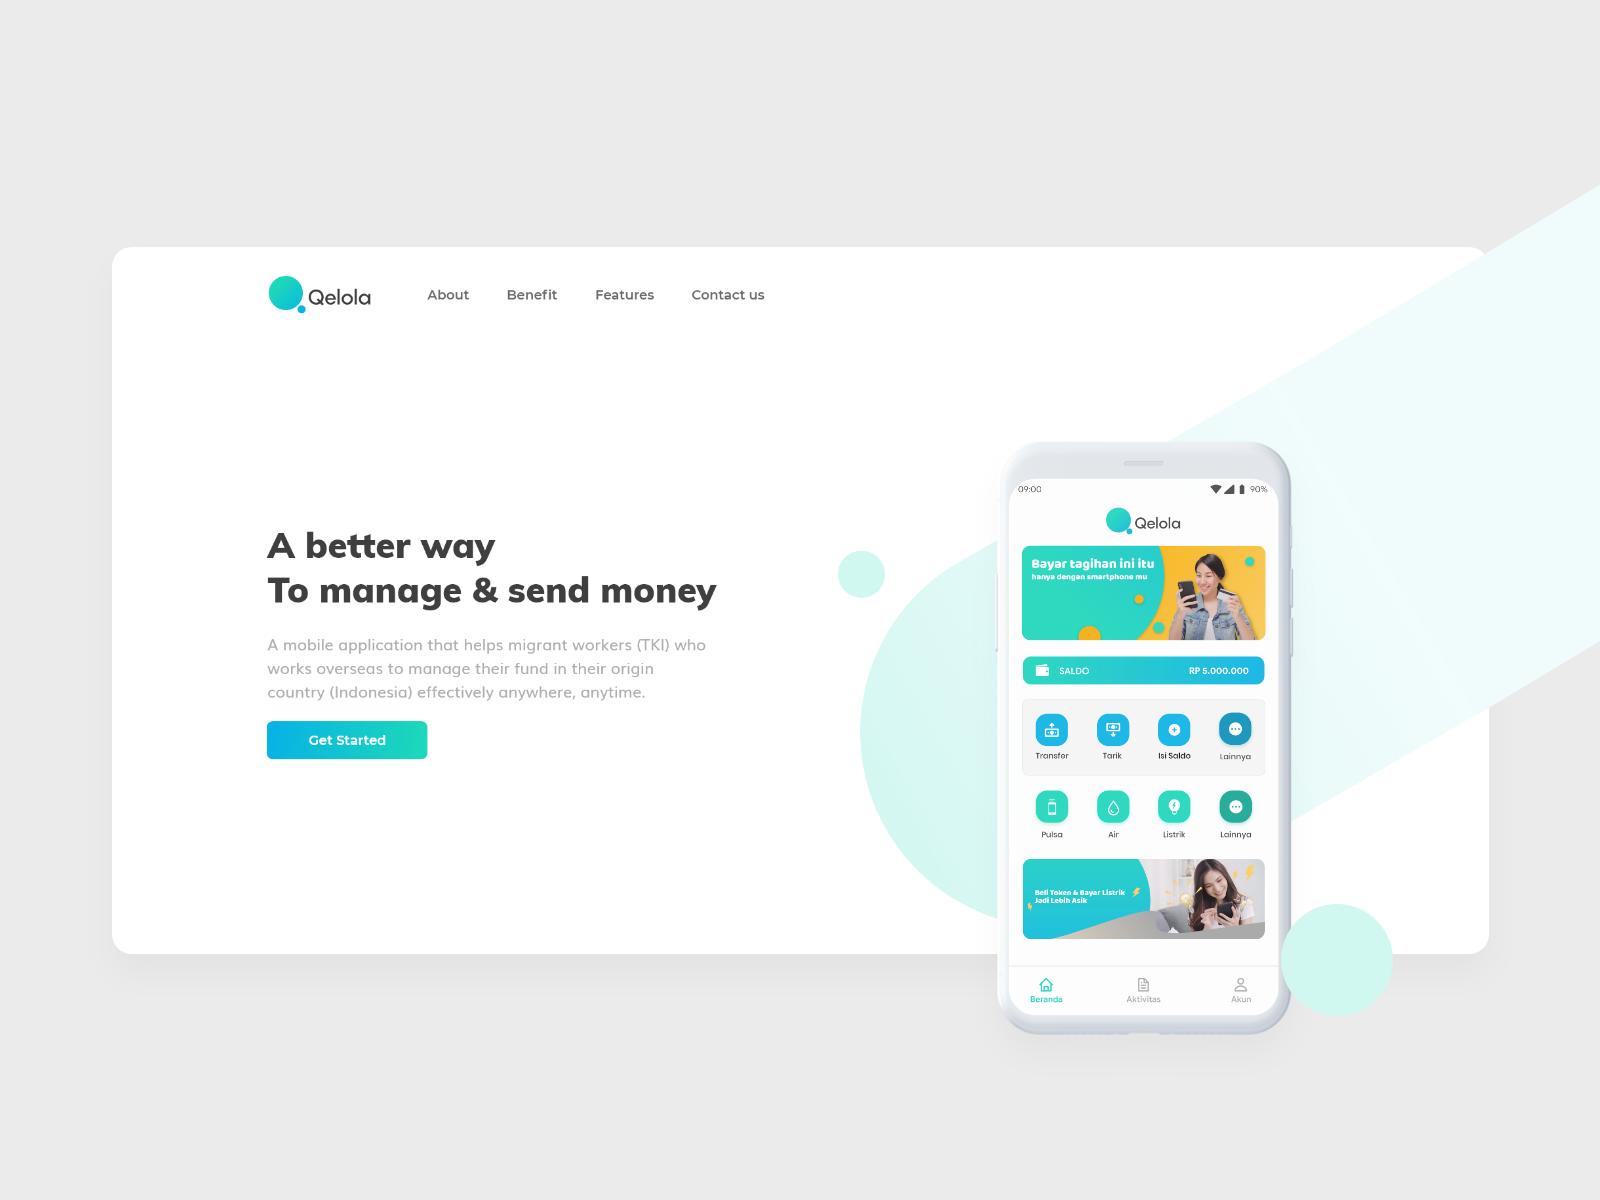 Cara Mudah Transfer Uang Dari Malaysia Secara Online Blog Qelola